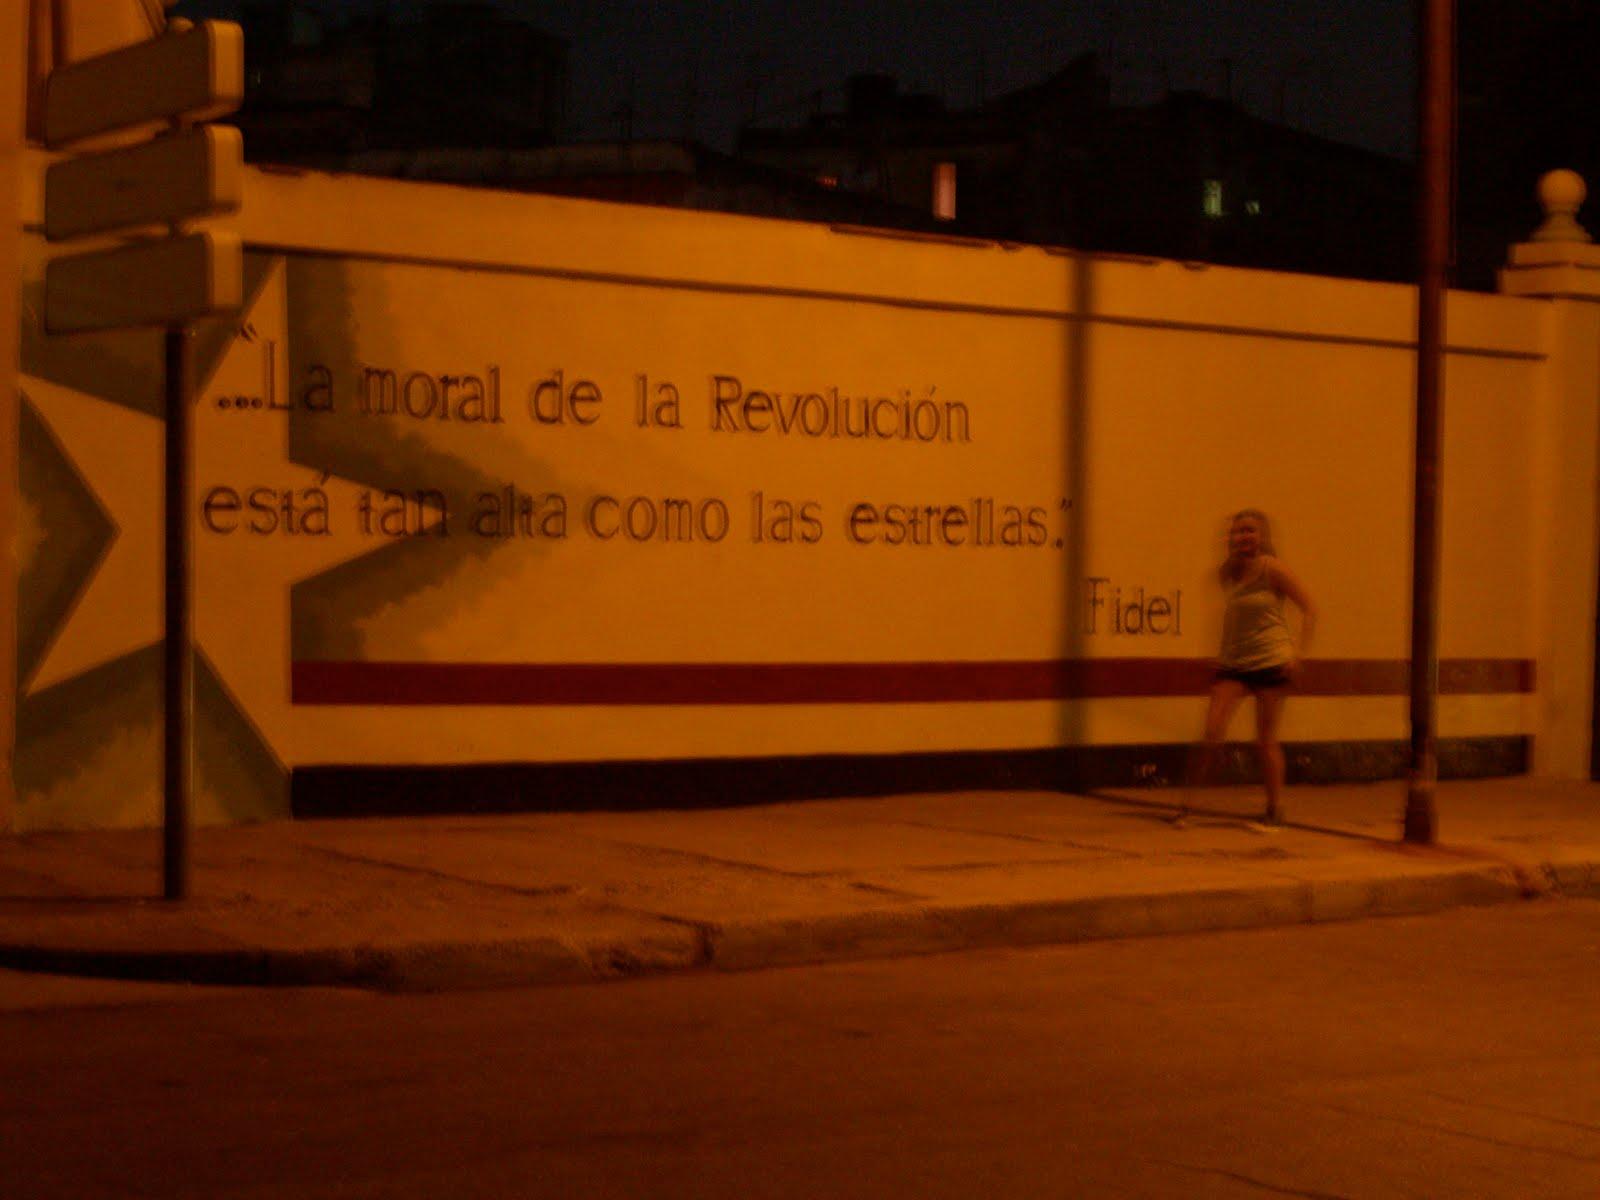 Fidel Castro Funny Quotes. QuotesGram